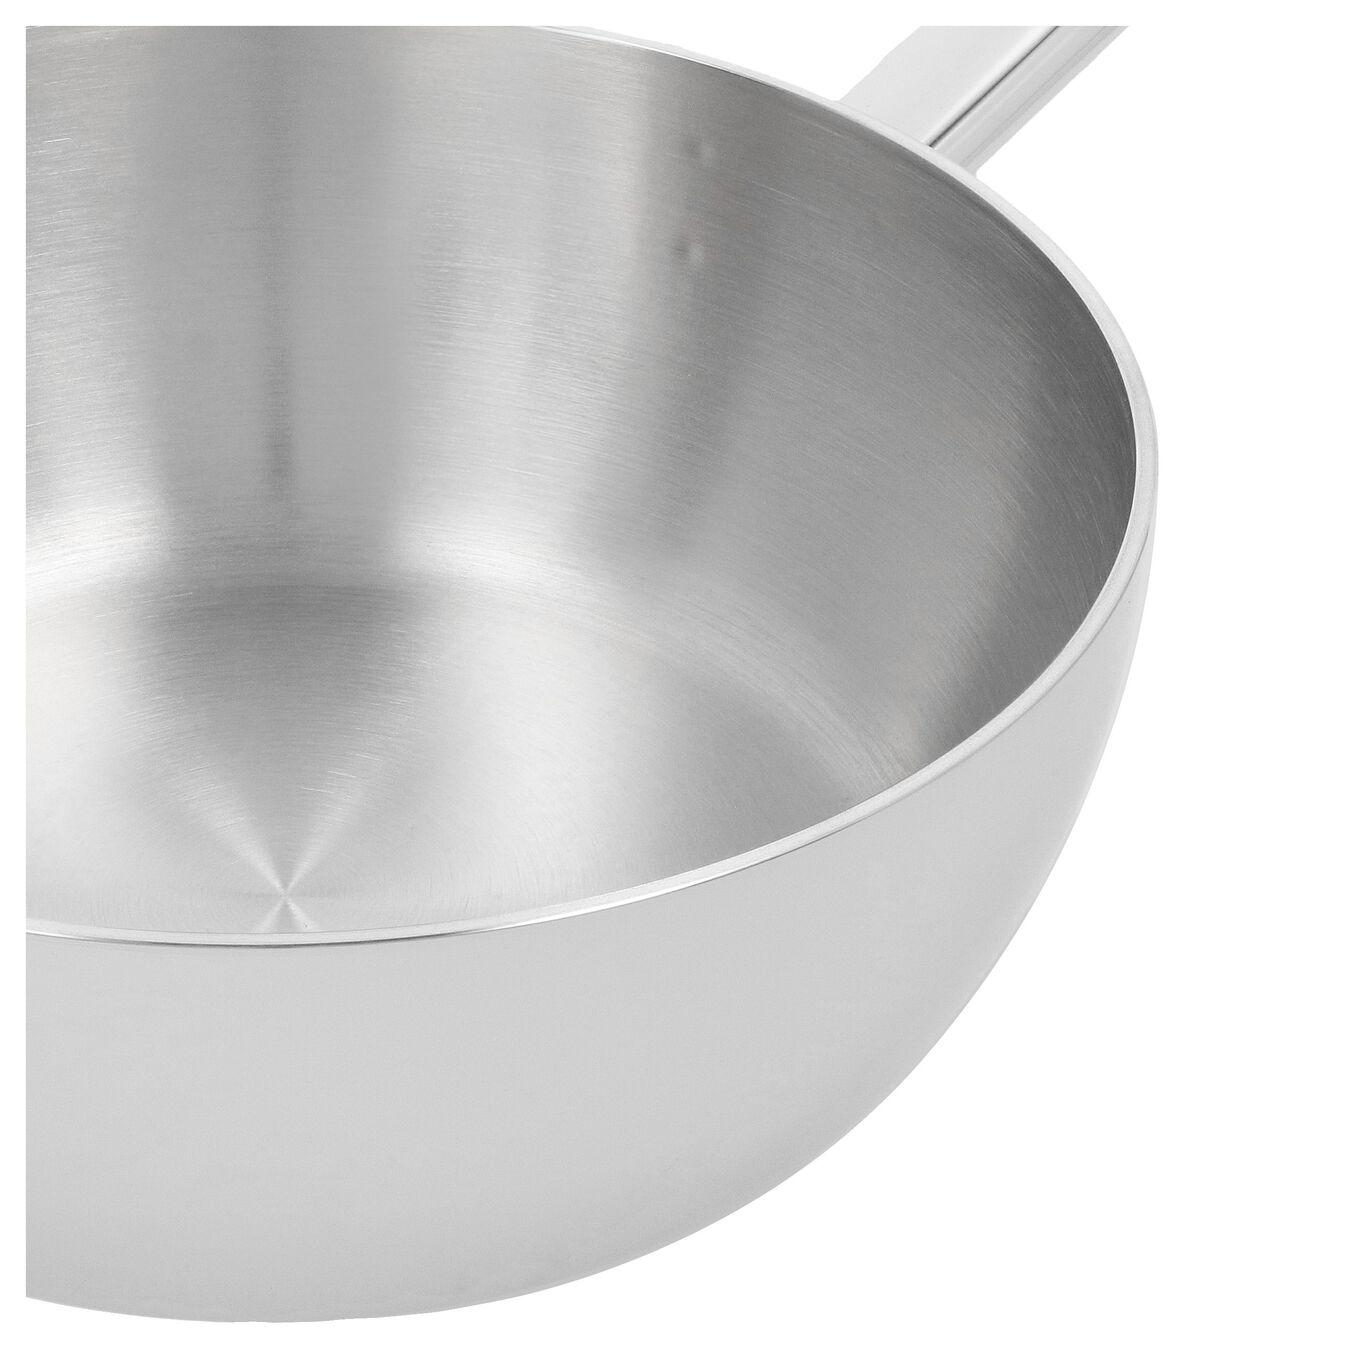 Sauteuse konisk 24 cm, 18/10 Rostfritt stål,,large 2